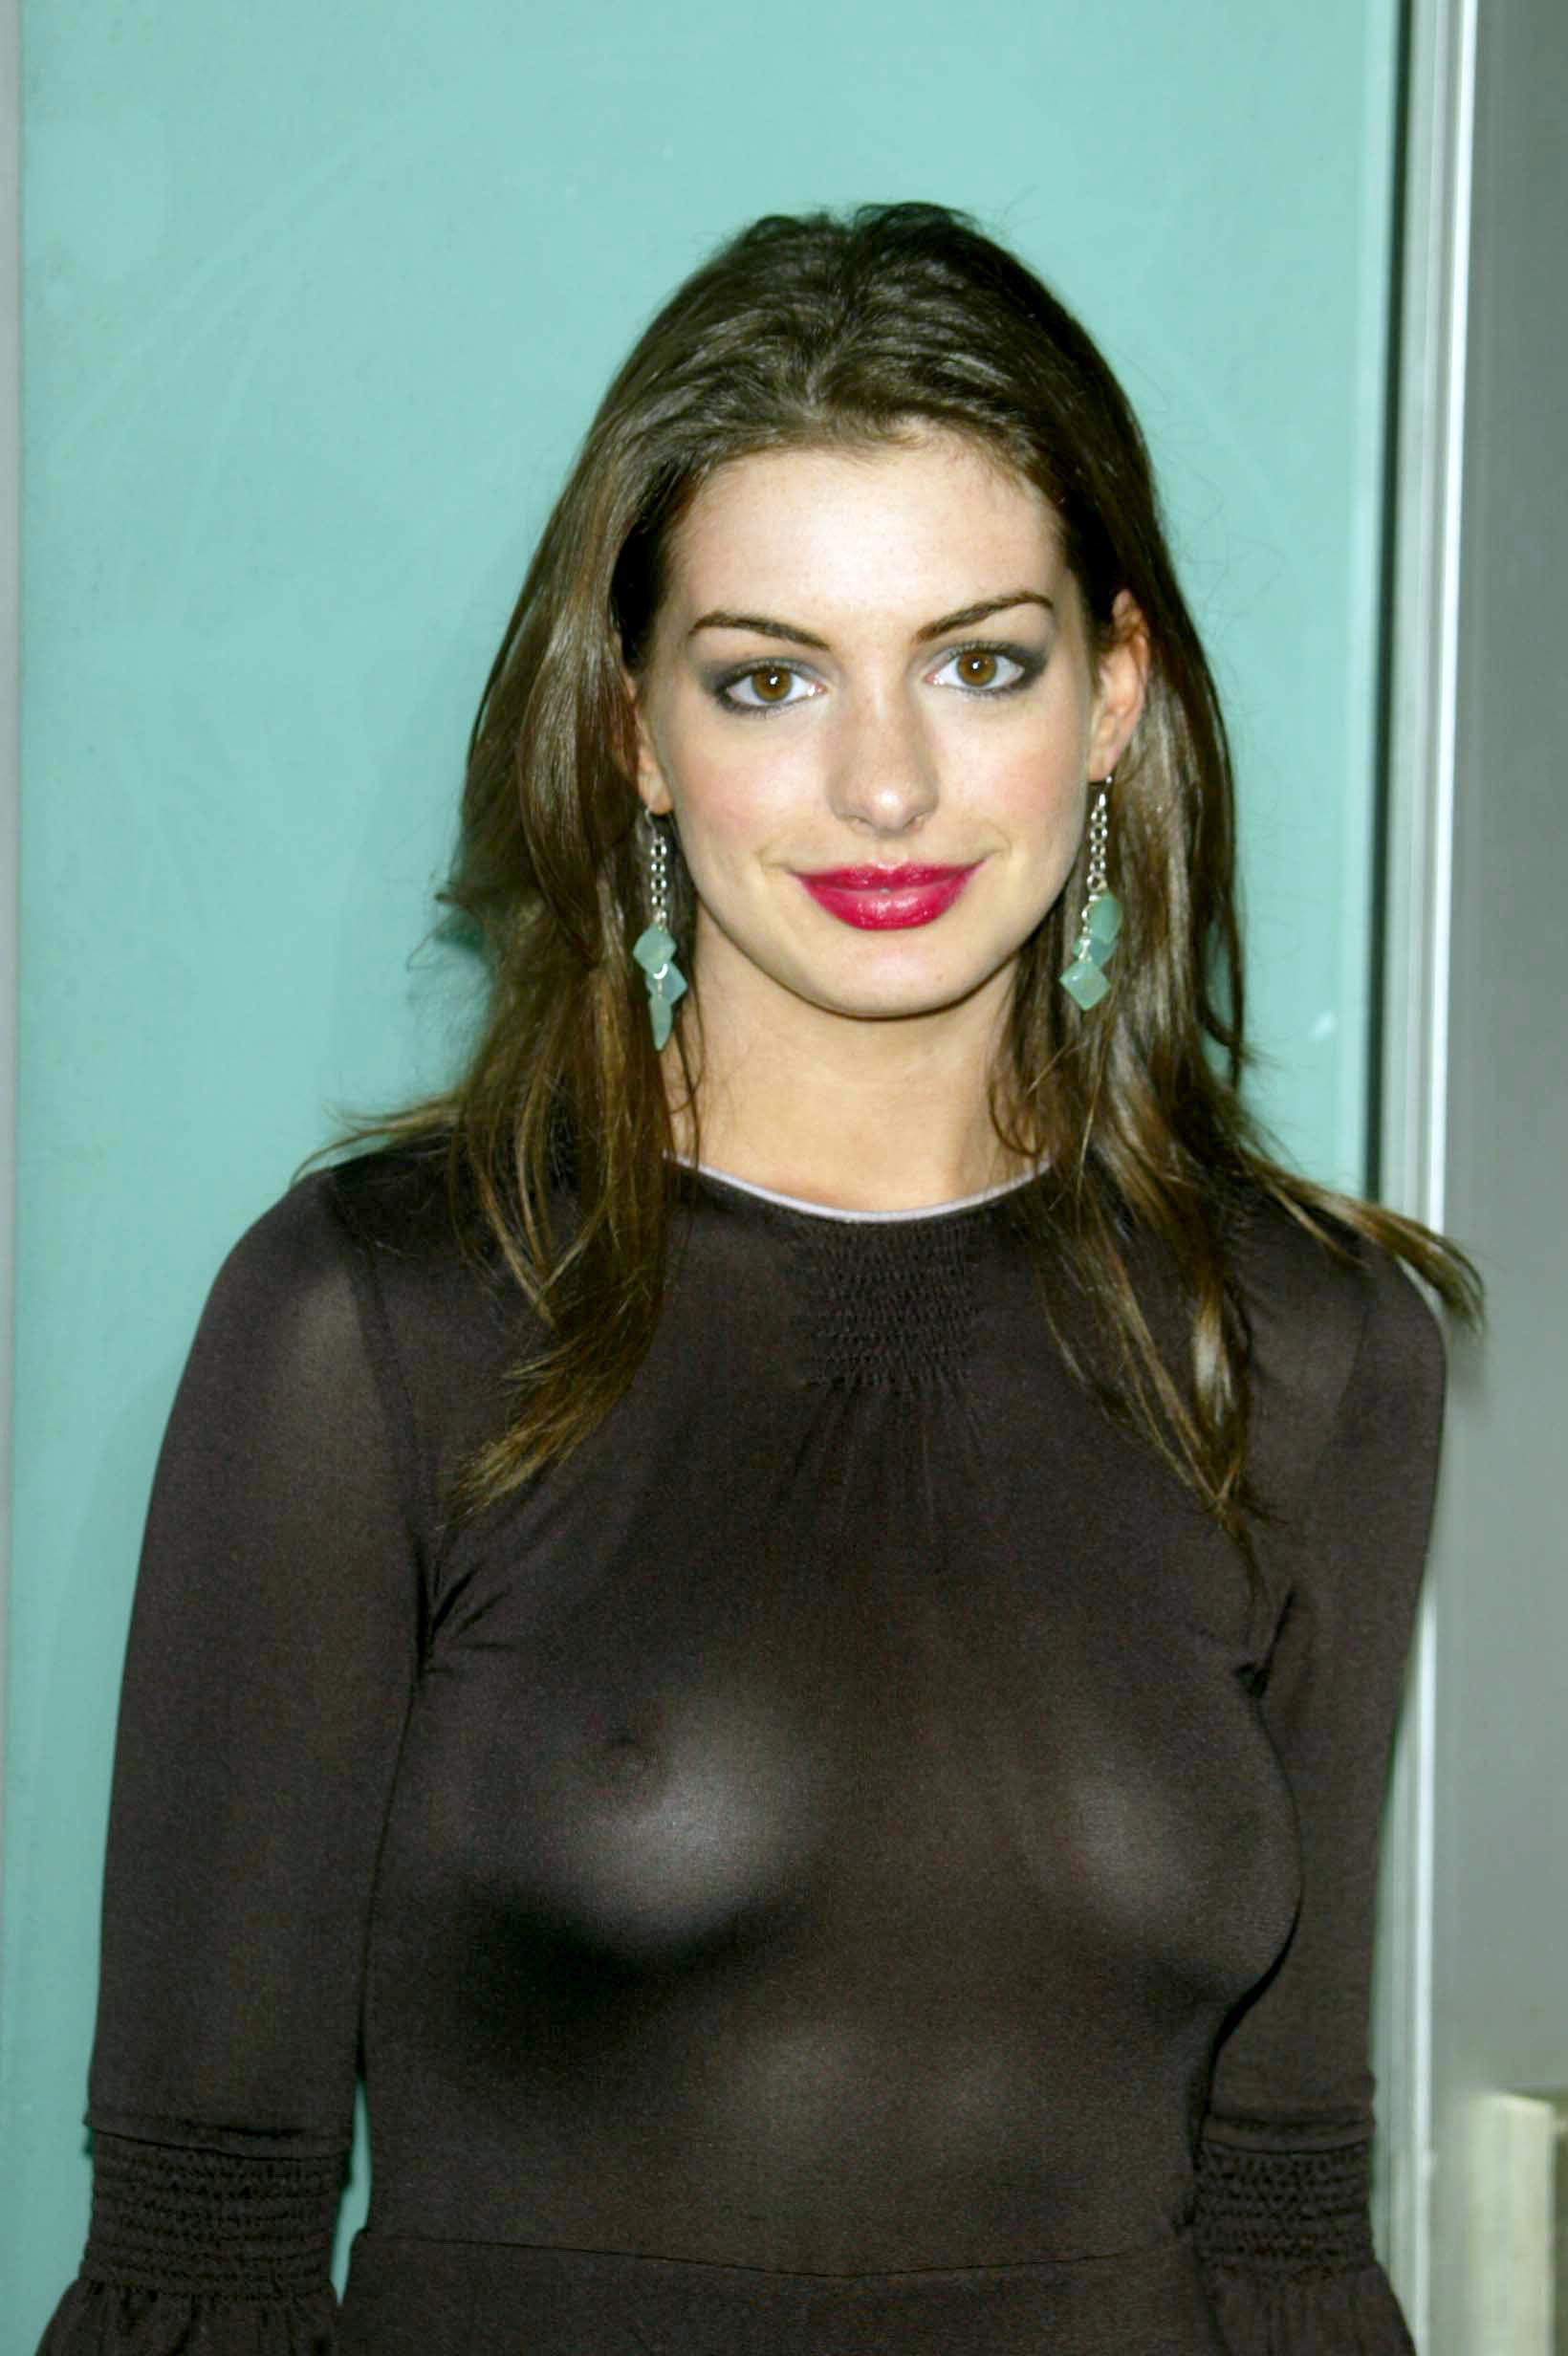 Anne Hathaway Not Wearing Bra  Celebrity Headlights-7452